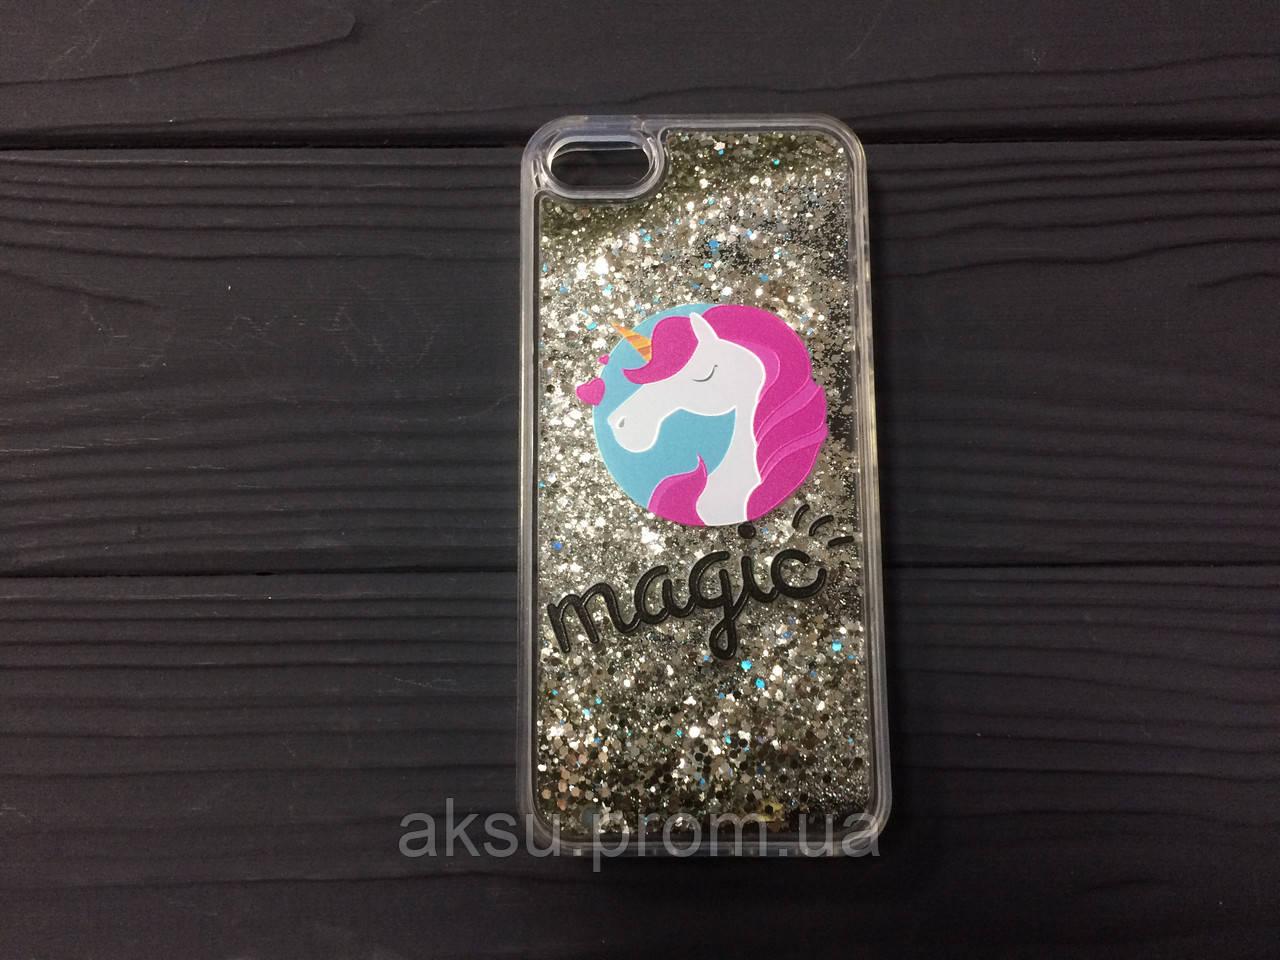 Чехол Magic для iPhone 5 / 5s / Se (Блиск вода)